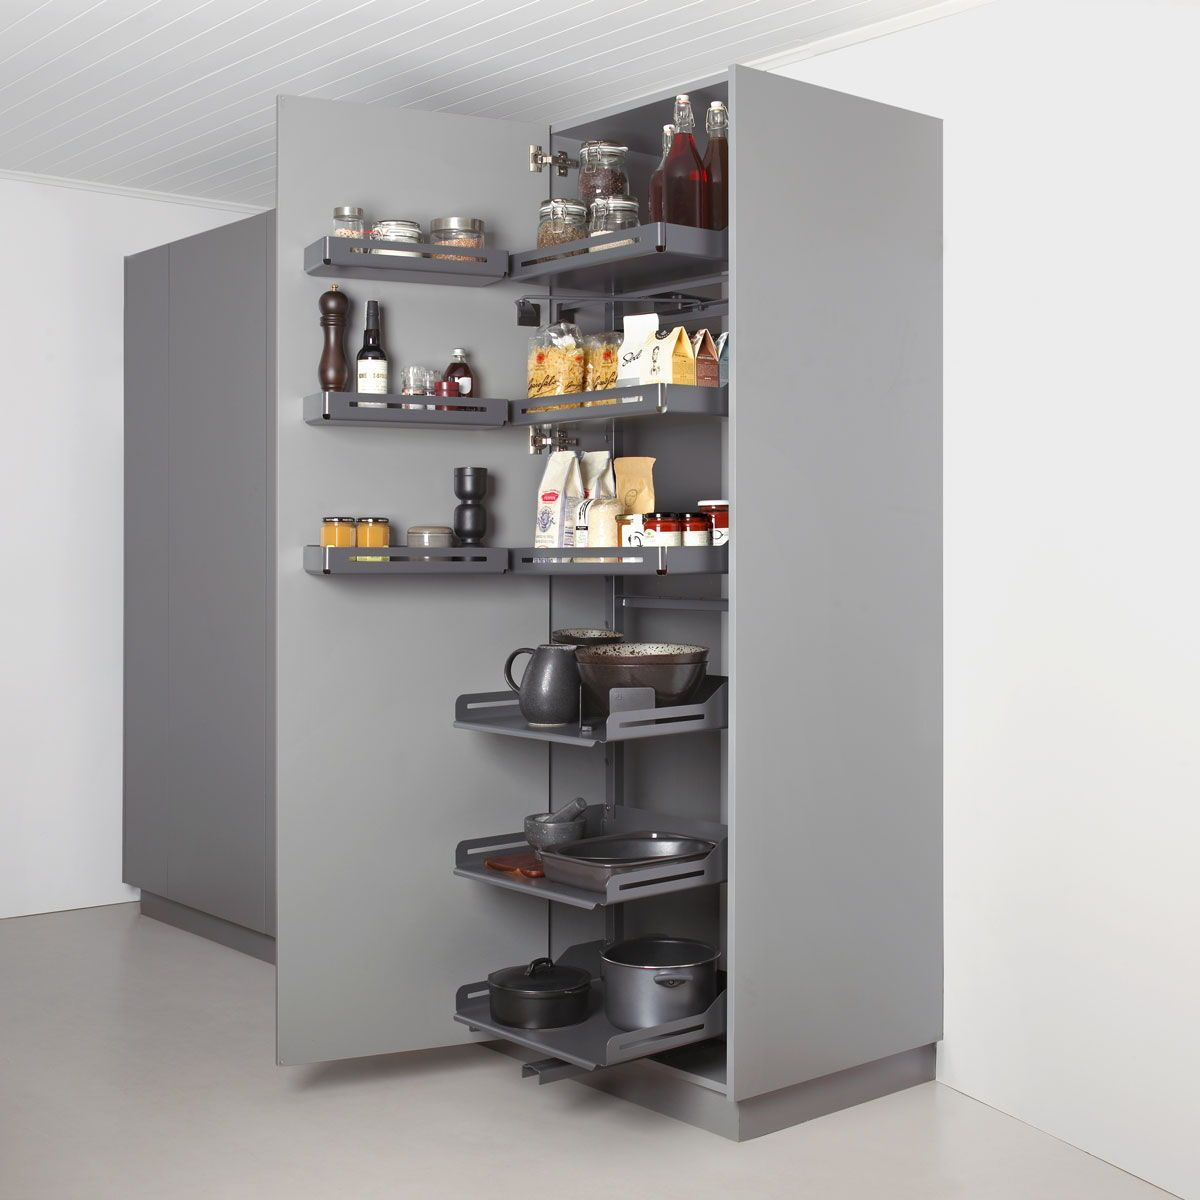 Hochschrank: Pleno Plus in der Küche, Apothekerschrank und